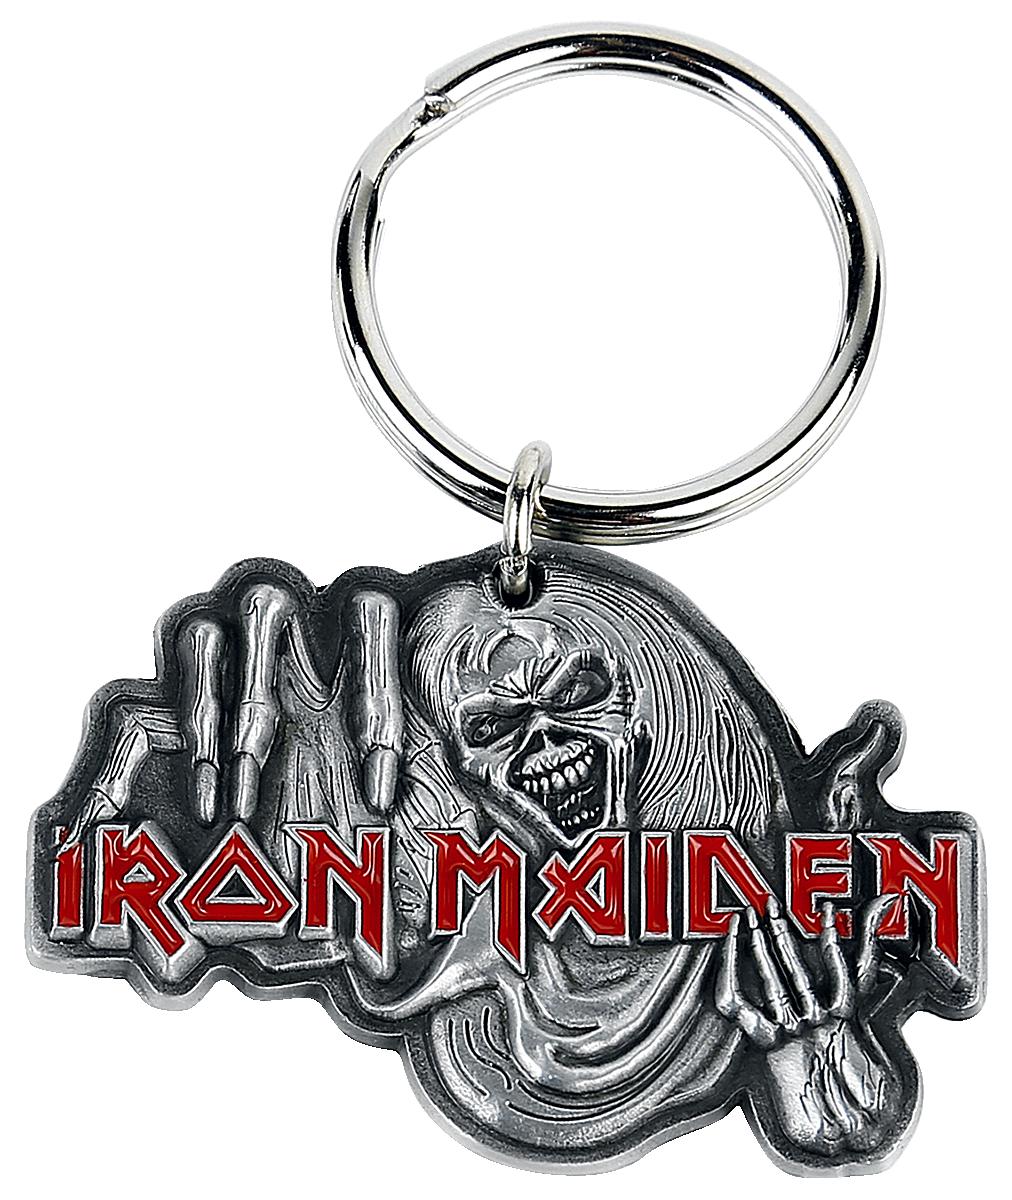 Iron Maiden - The Number Of The Beast - Schlüsselanhänger - multicolor